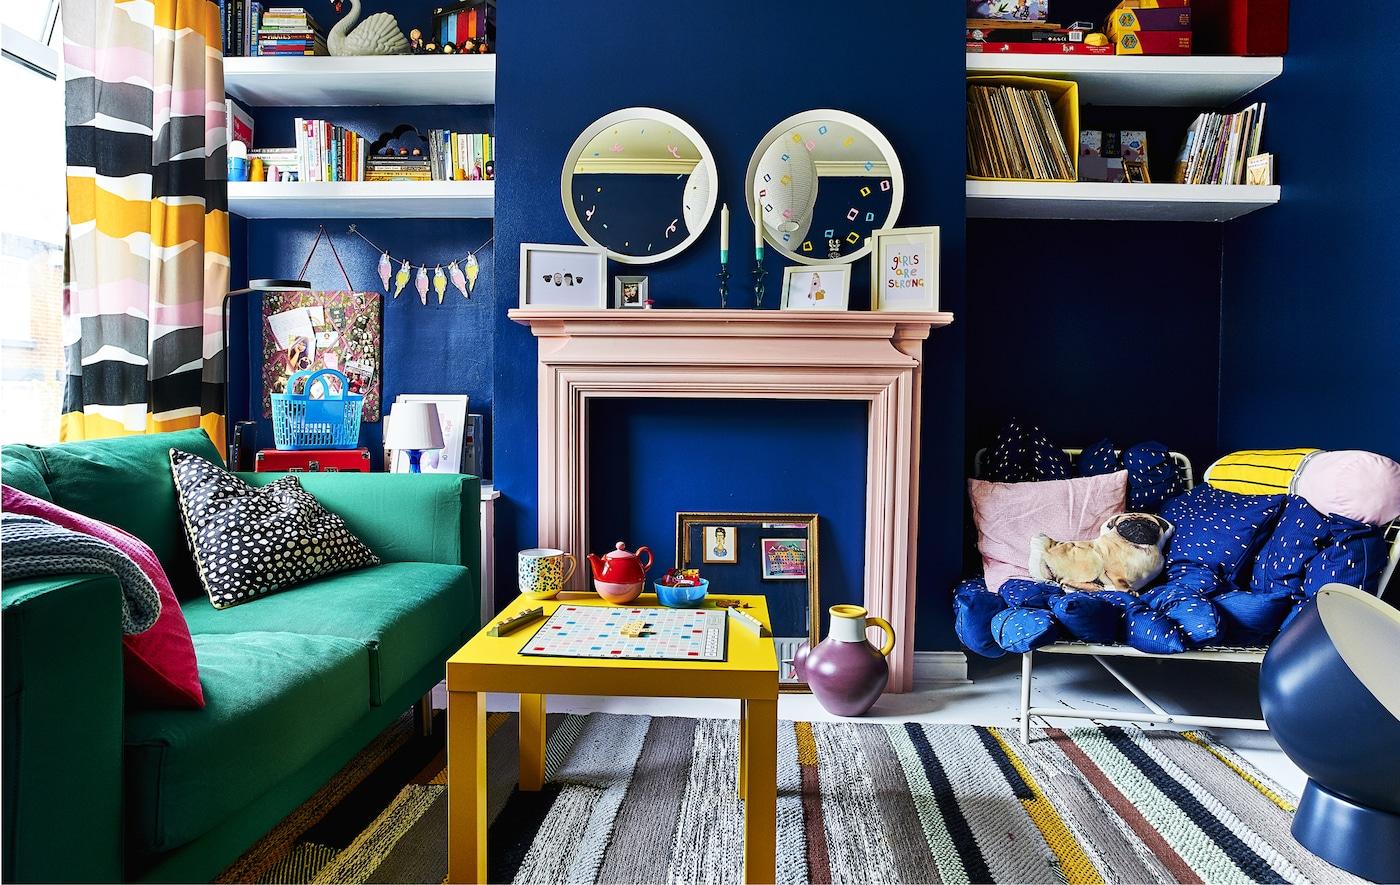 غرفة جلوس زاخرة بالألوان ذات جدران زرقاء وكنبة خضراء.